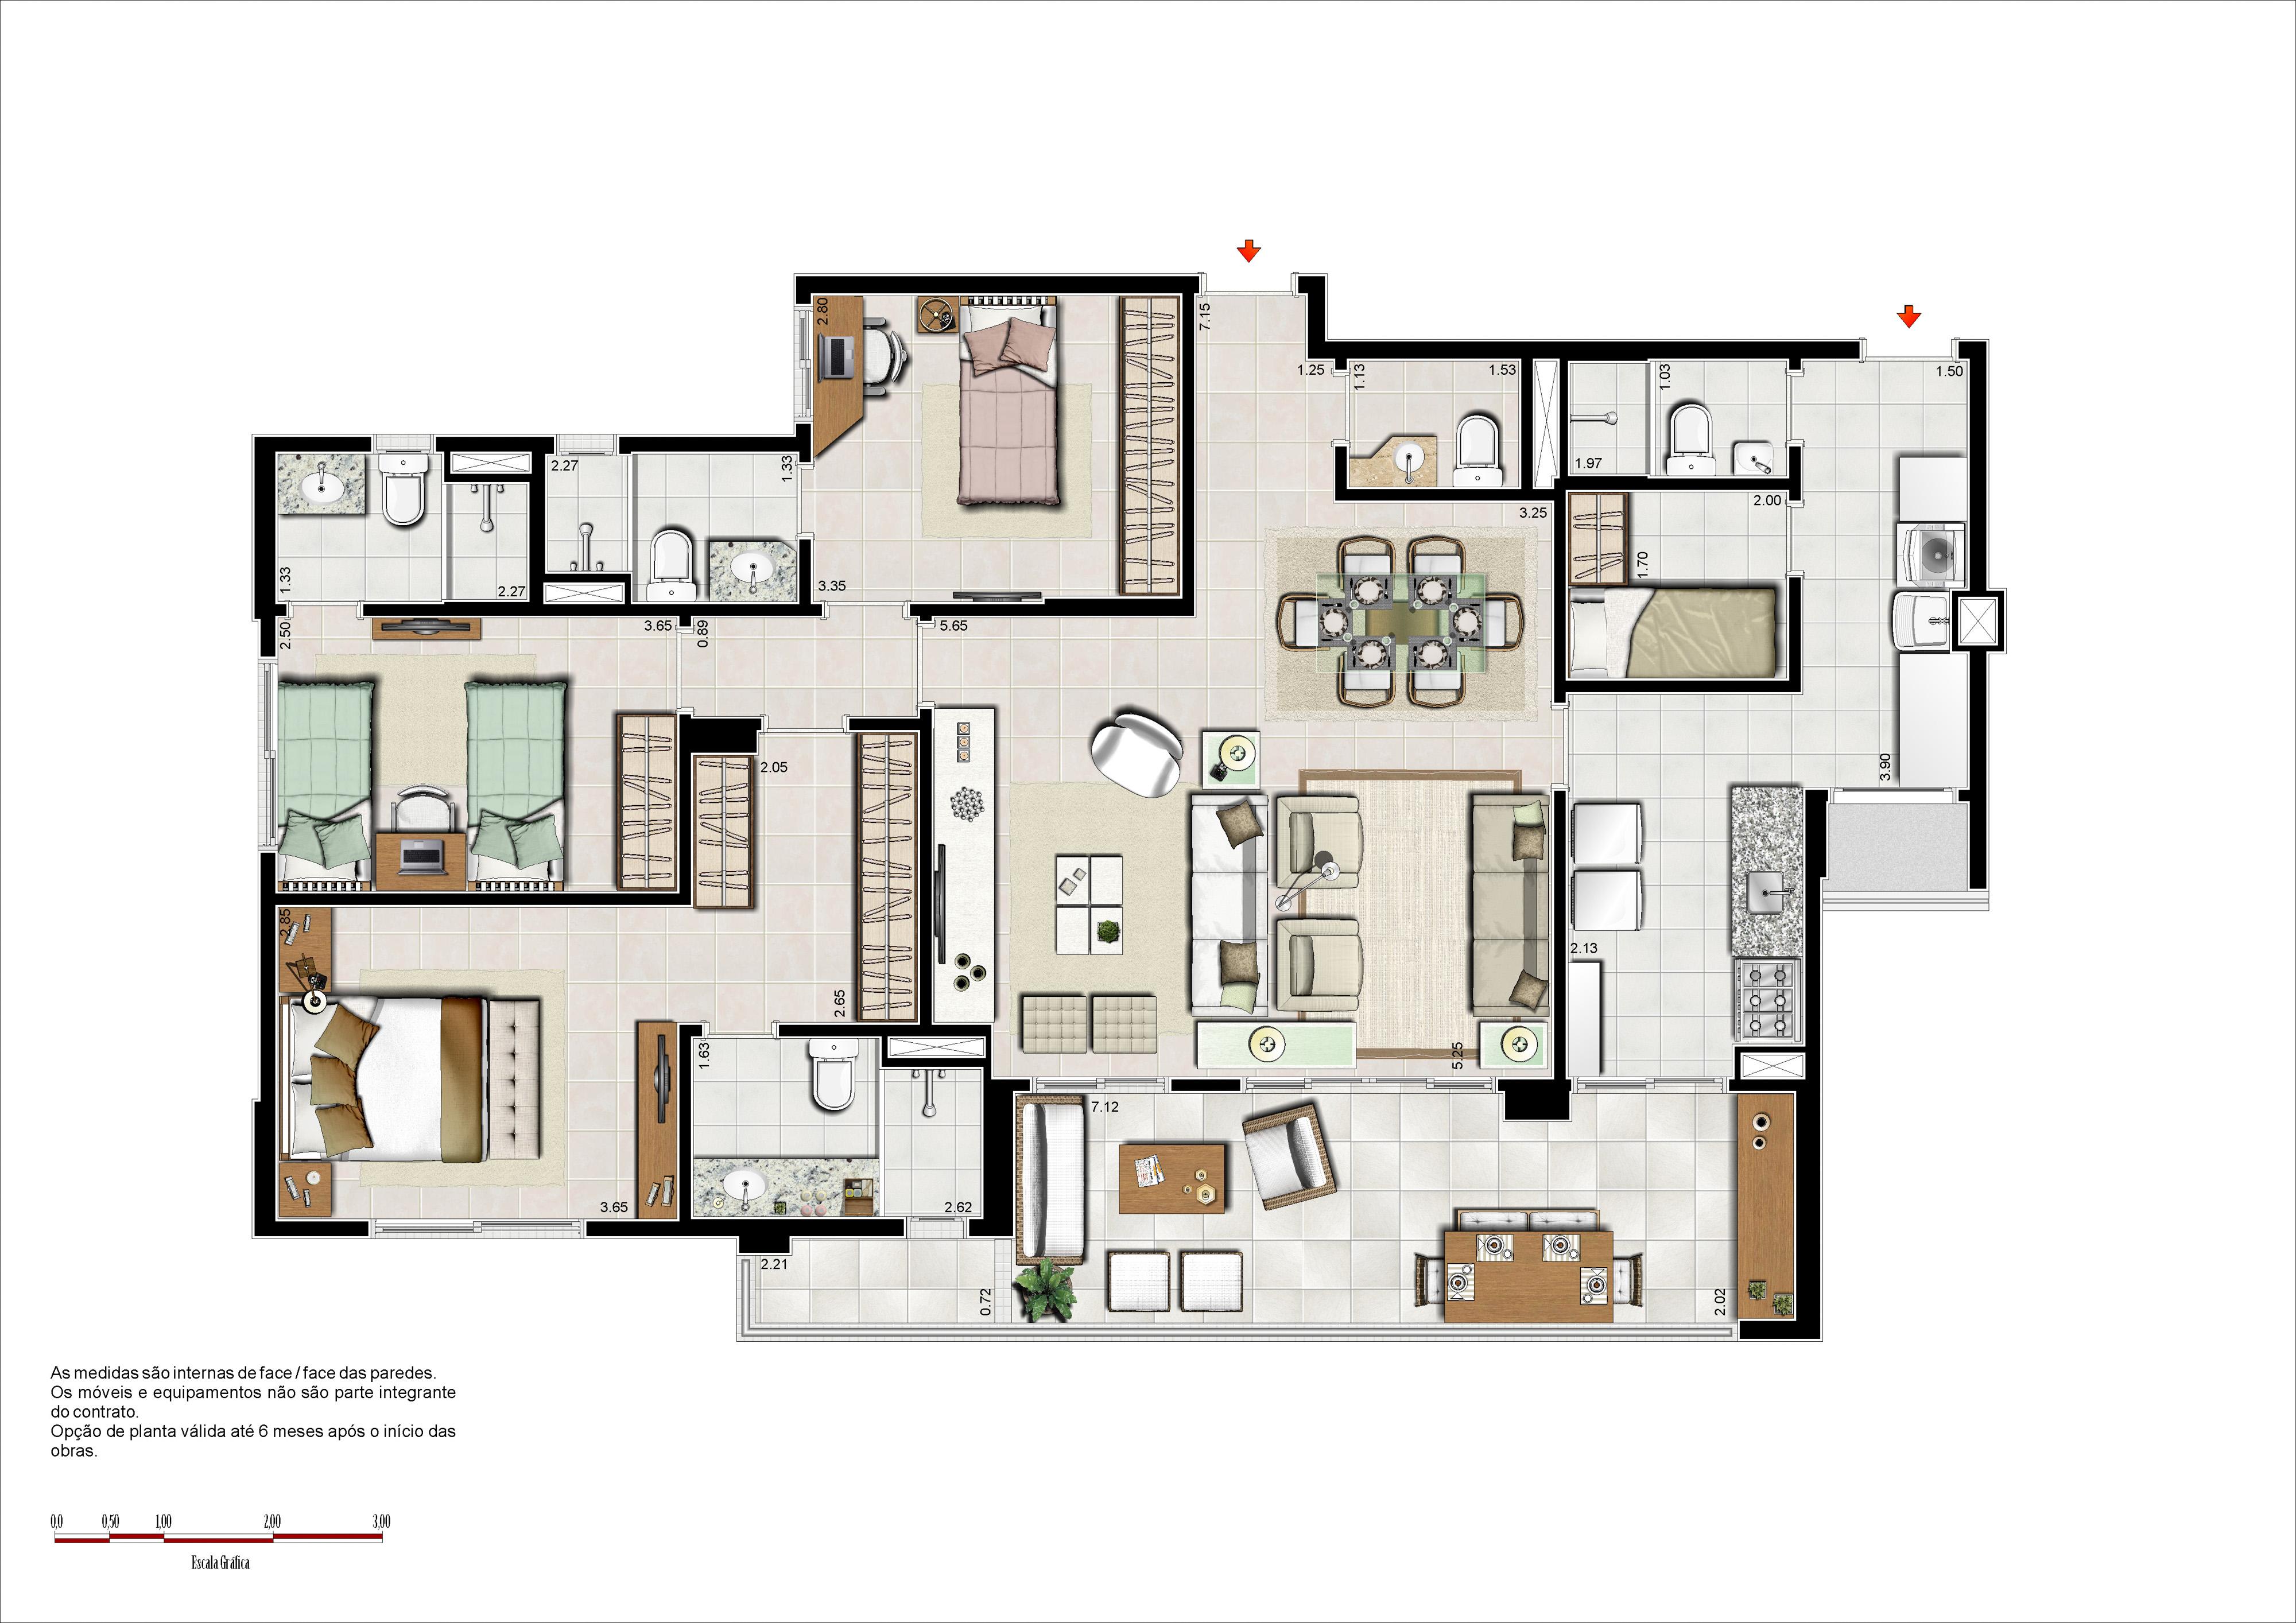 133 m² - 3 suítes com sala ampliada